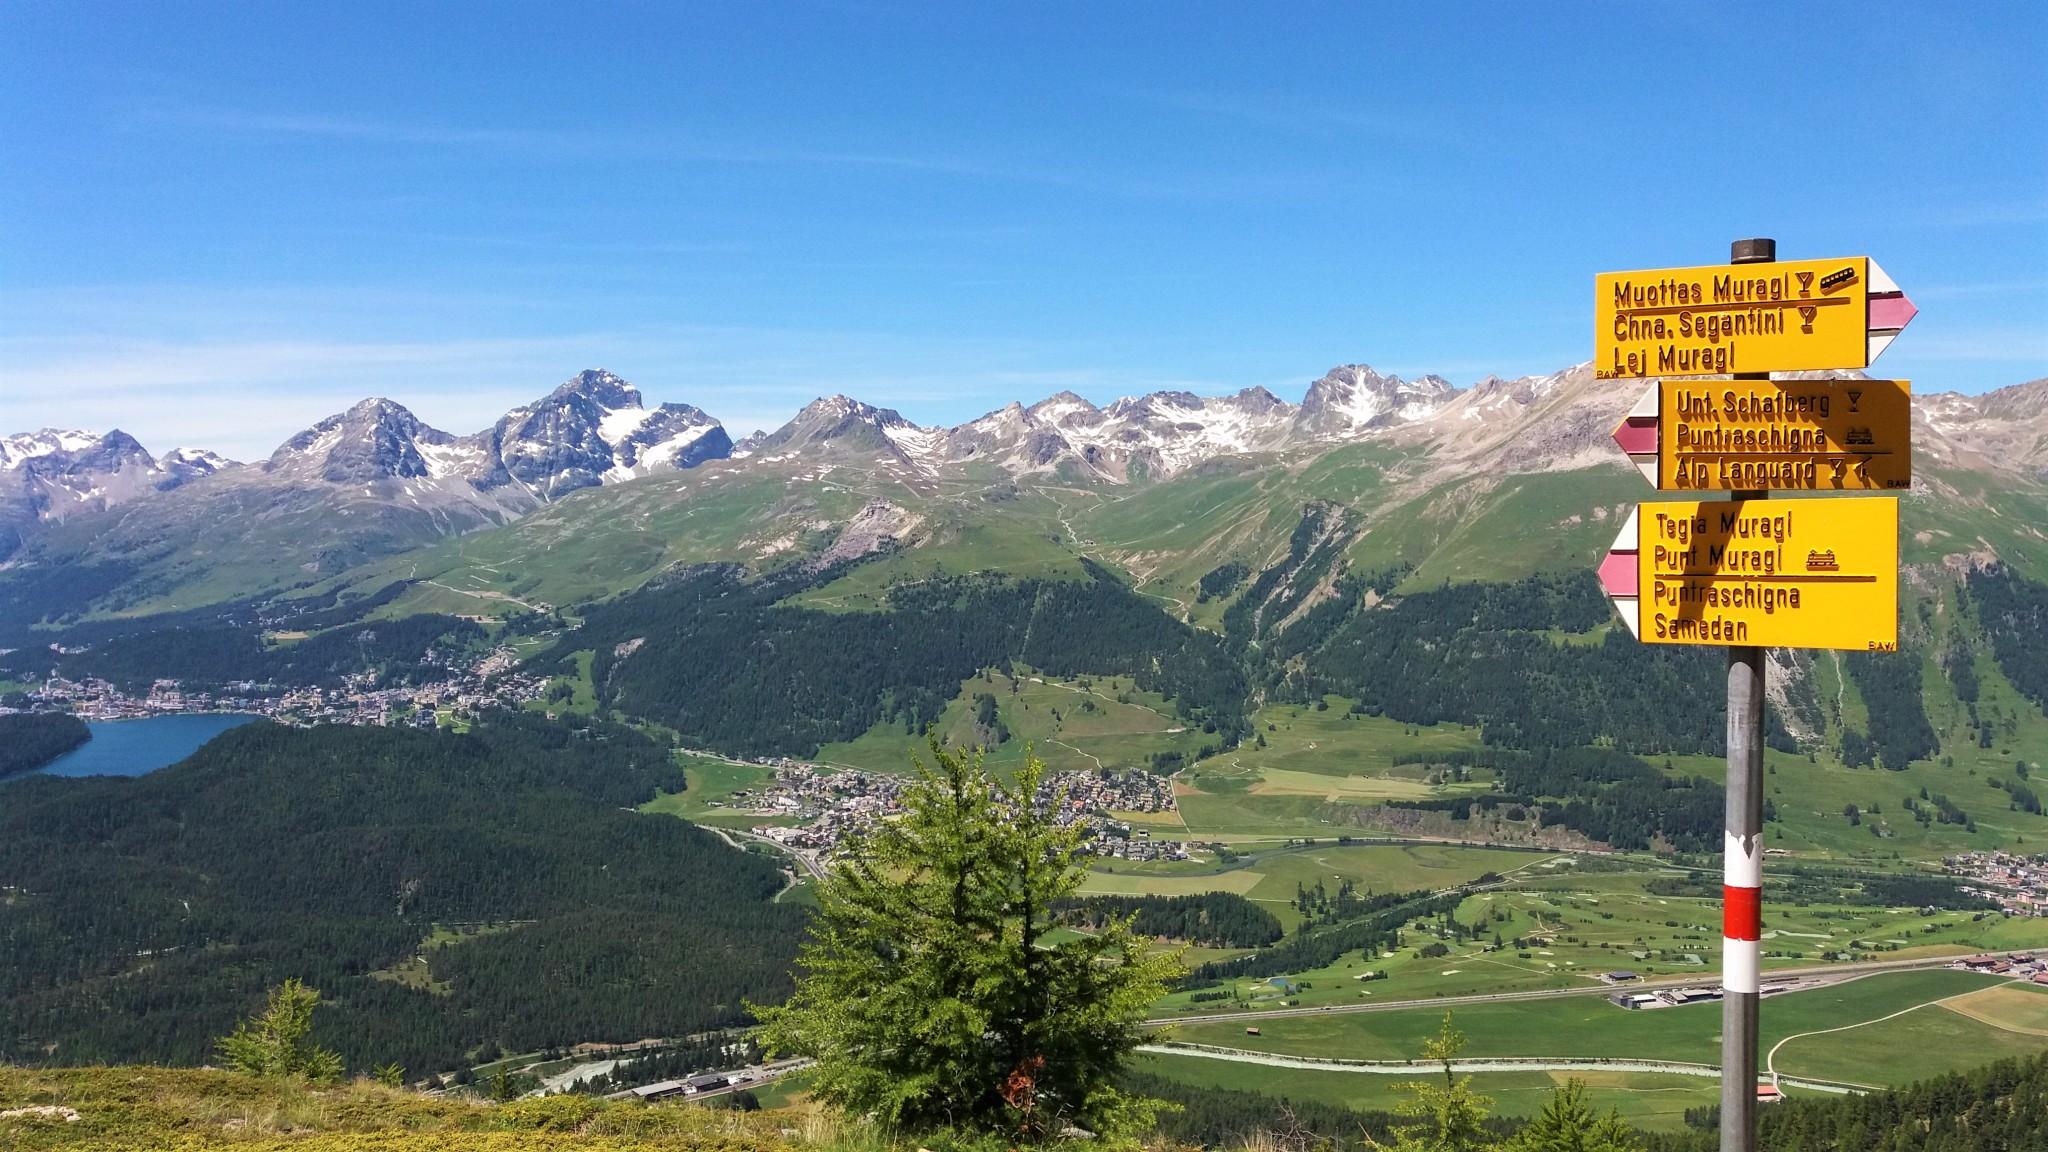 Muottas Muragl Panoramic Route